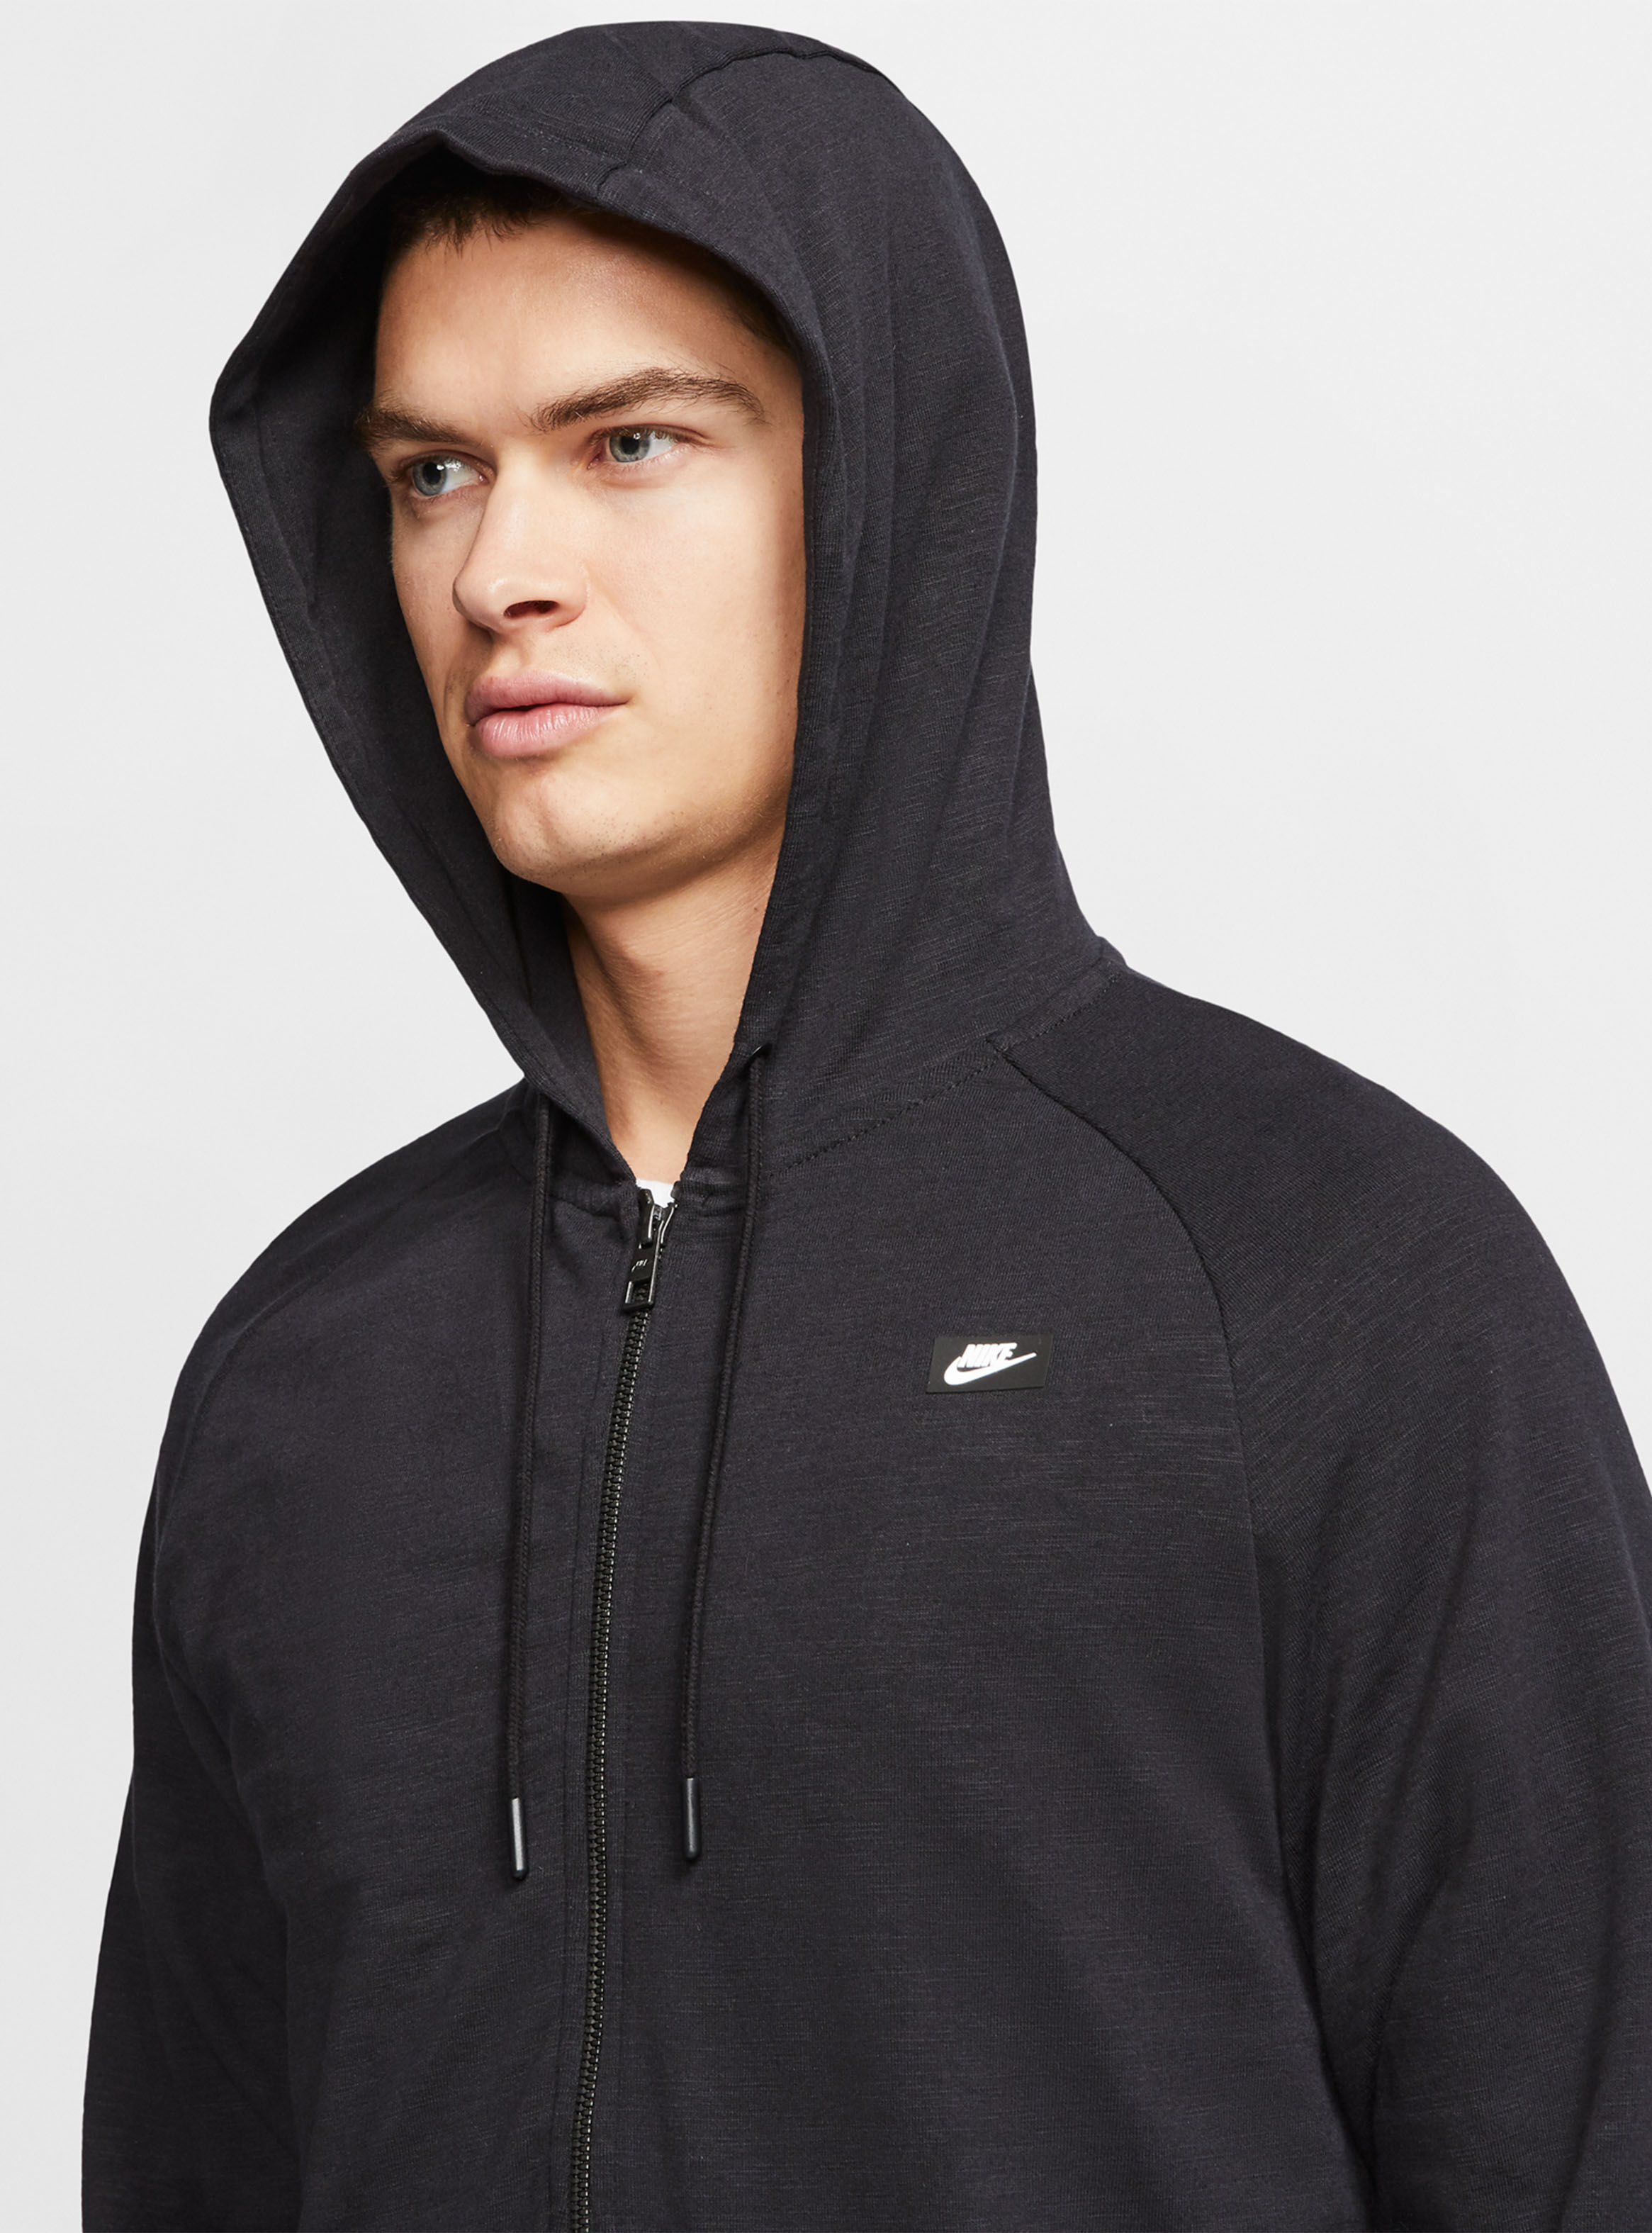 Polerón Capucha Nike Sportswear Hombre